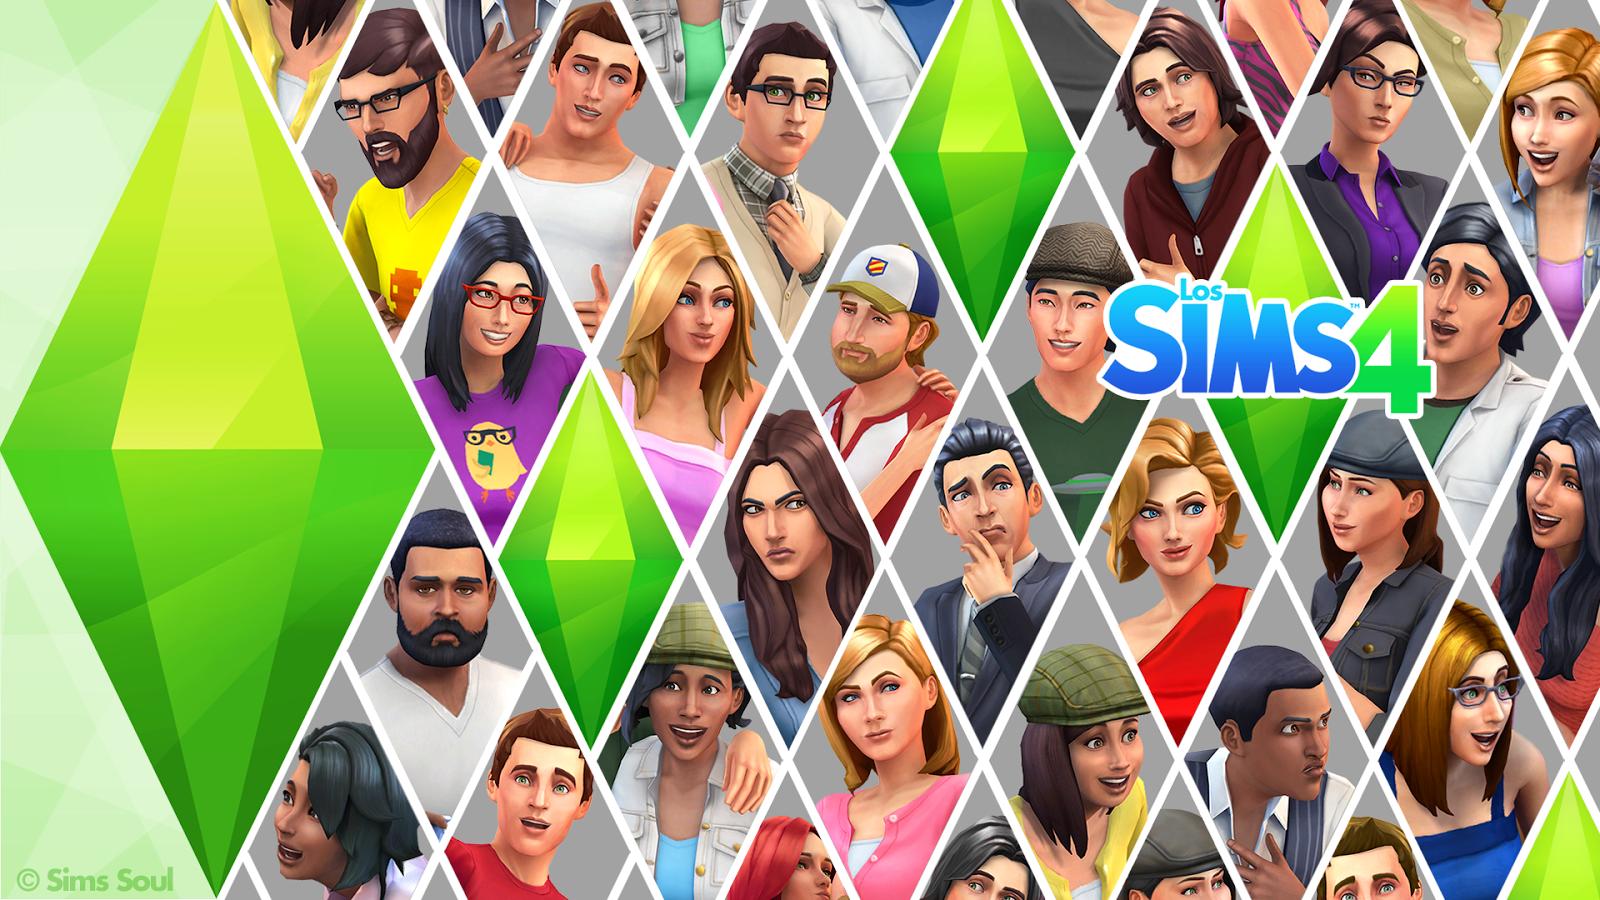 The Sims 4 Wallpaper CC - WallpaperSafari